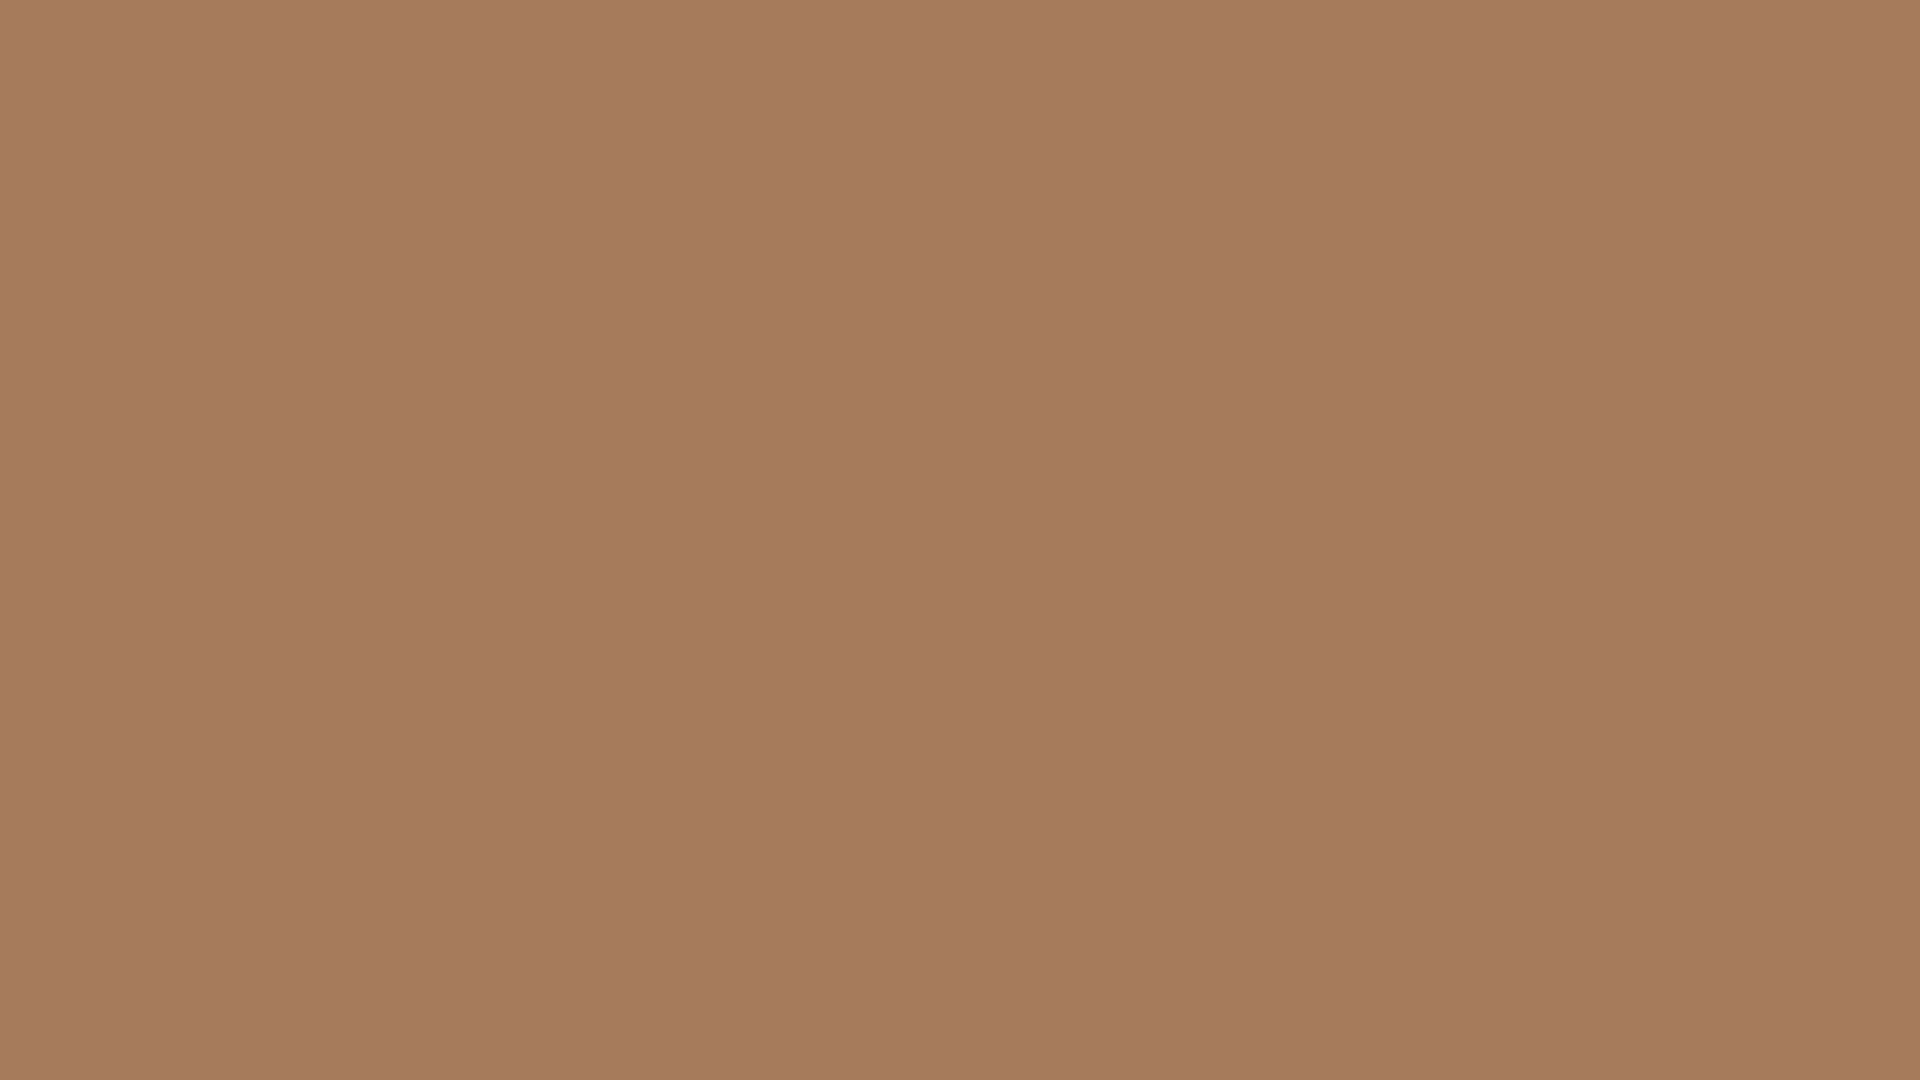 1920x1080 Cafe Au Lait Solid Color Background